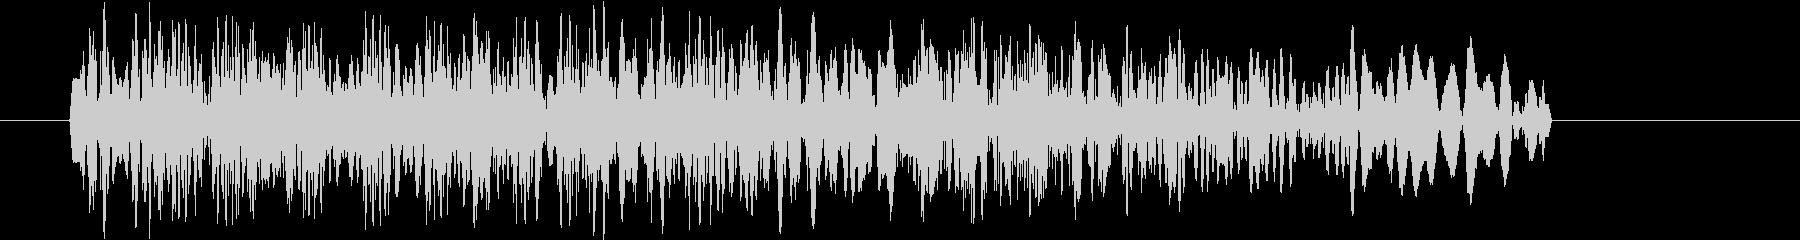 場面転換_歯切れの良いDJスクラッチ音1の未再生の波形